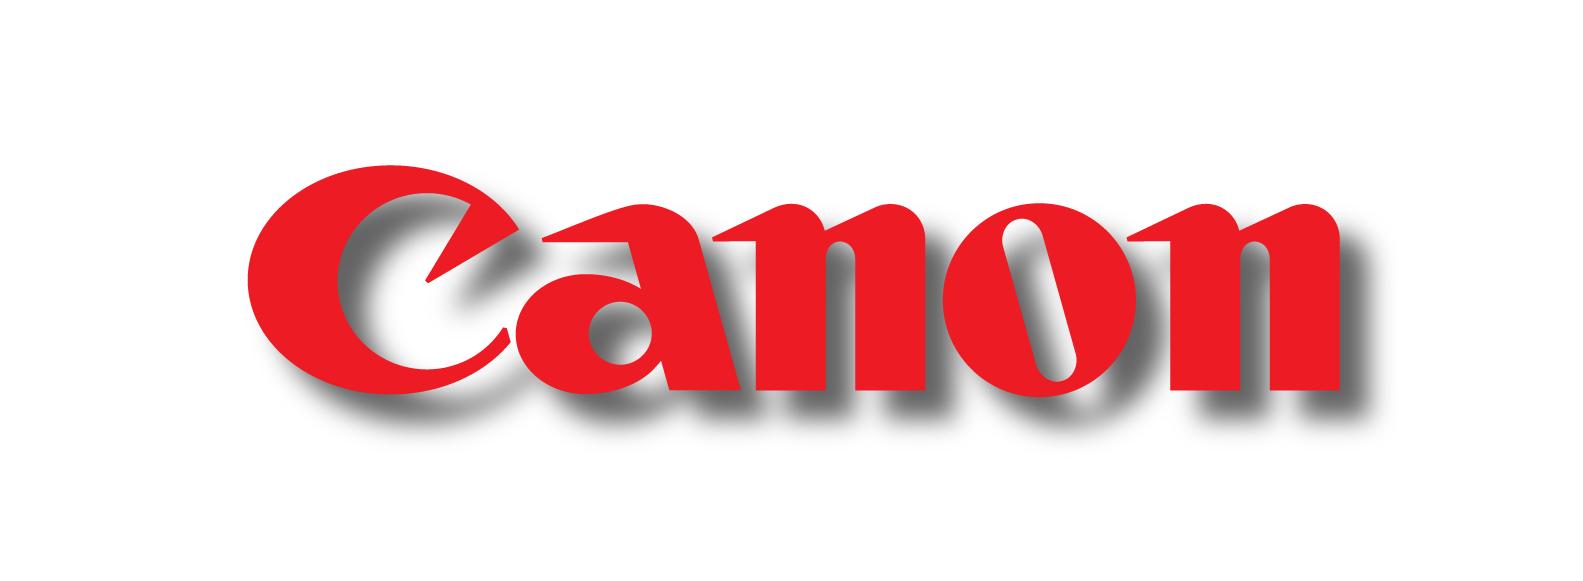 Canon obtine cea mai inalta distinctie intre companii japoneze in Climate Counts 2013, studiul stiintific de performanta in gestionarea emisiilor generate de corporatii